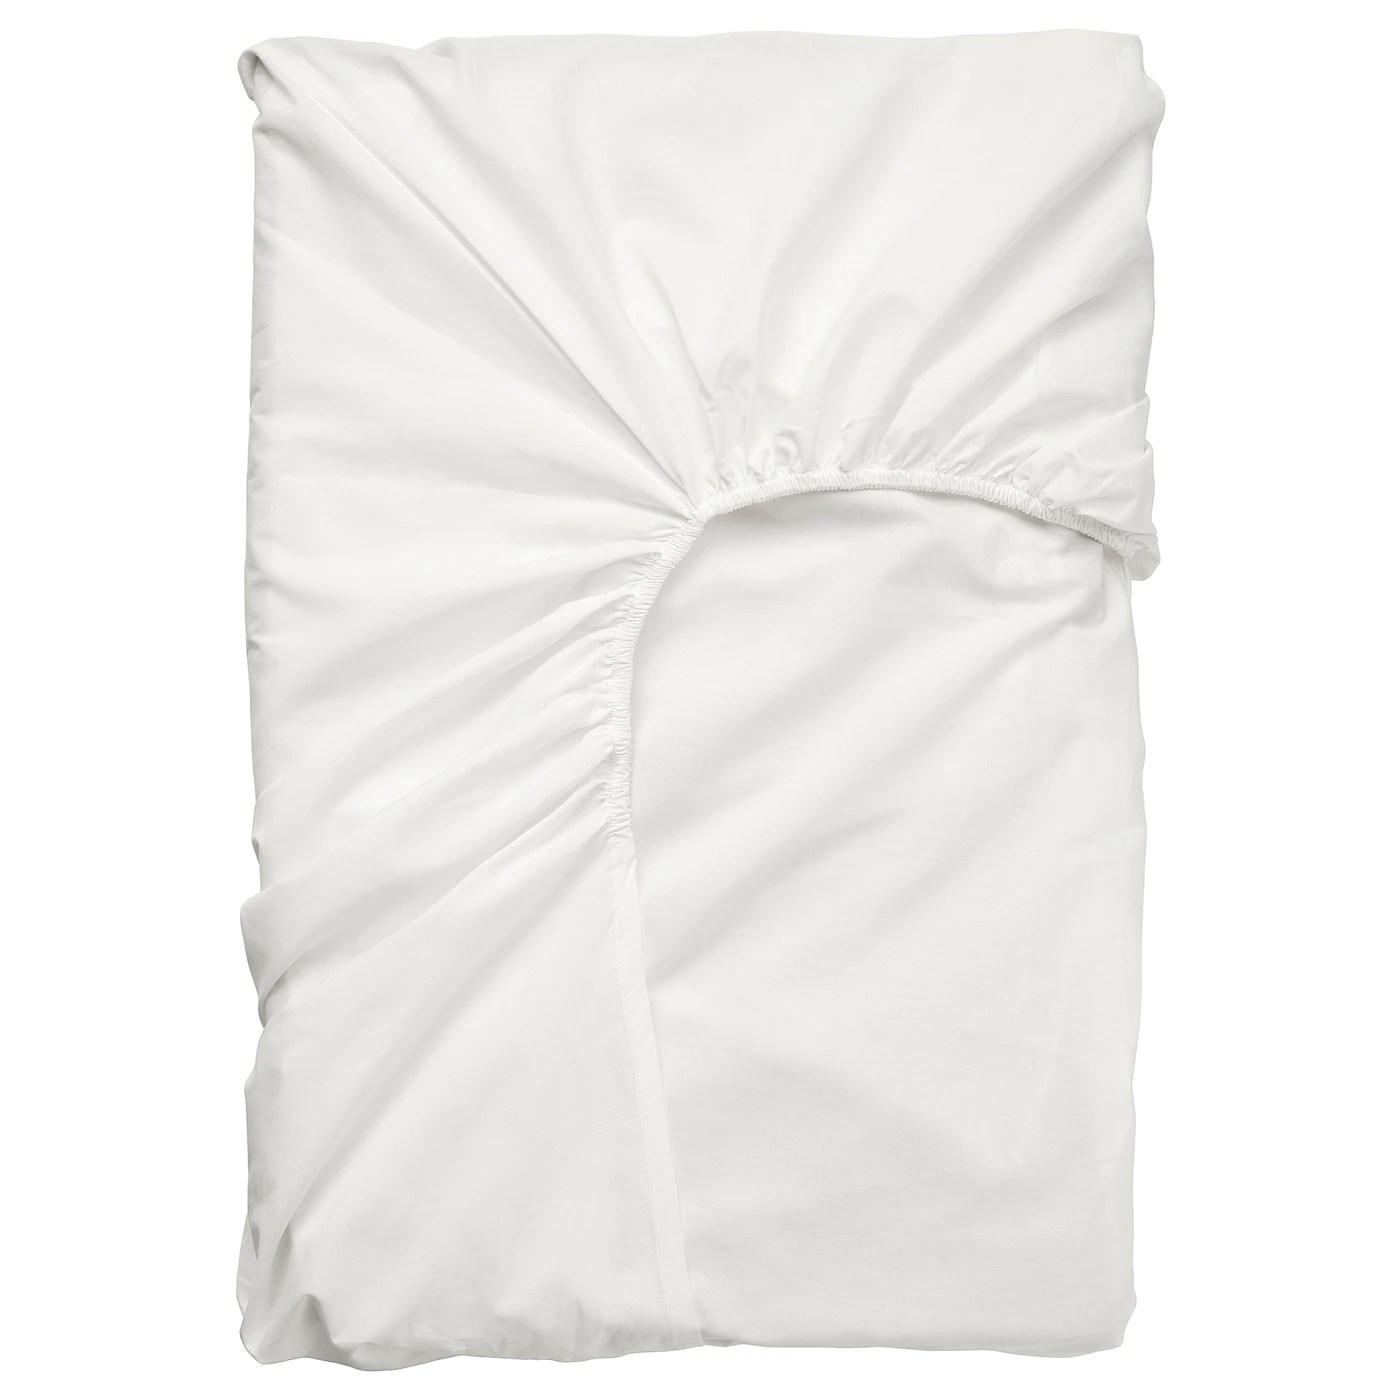 Ullvide Drap Housse Pour Surmatelas Blanc 90x200 Cm Ikea